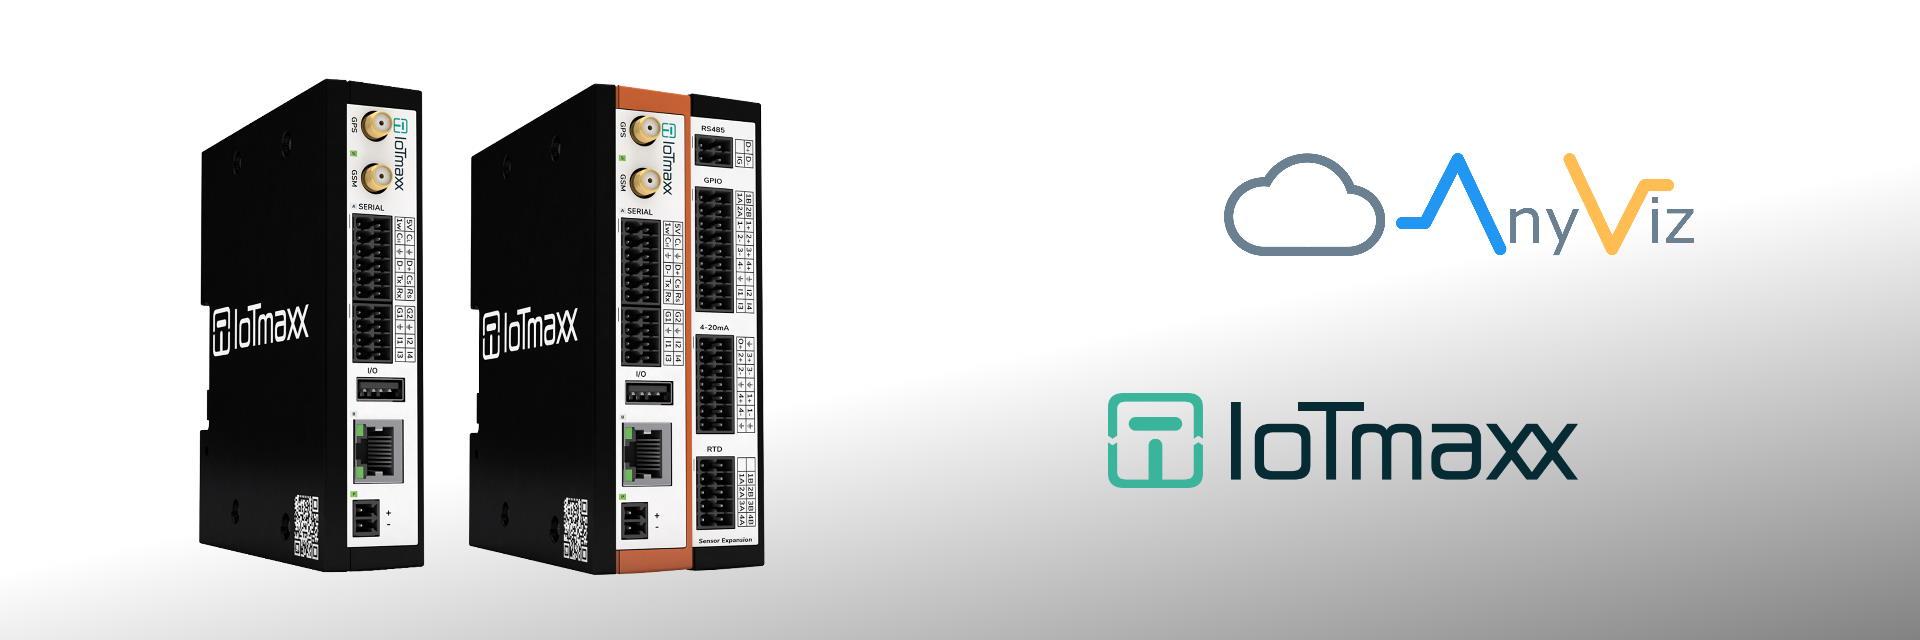 IoTmaxx Gateway